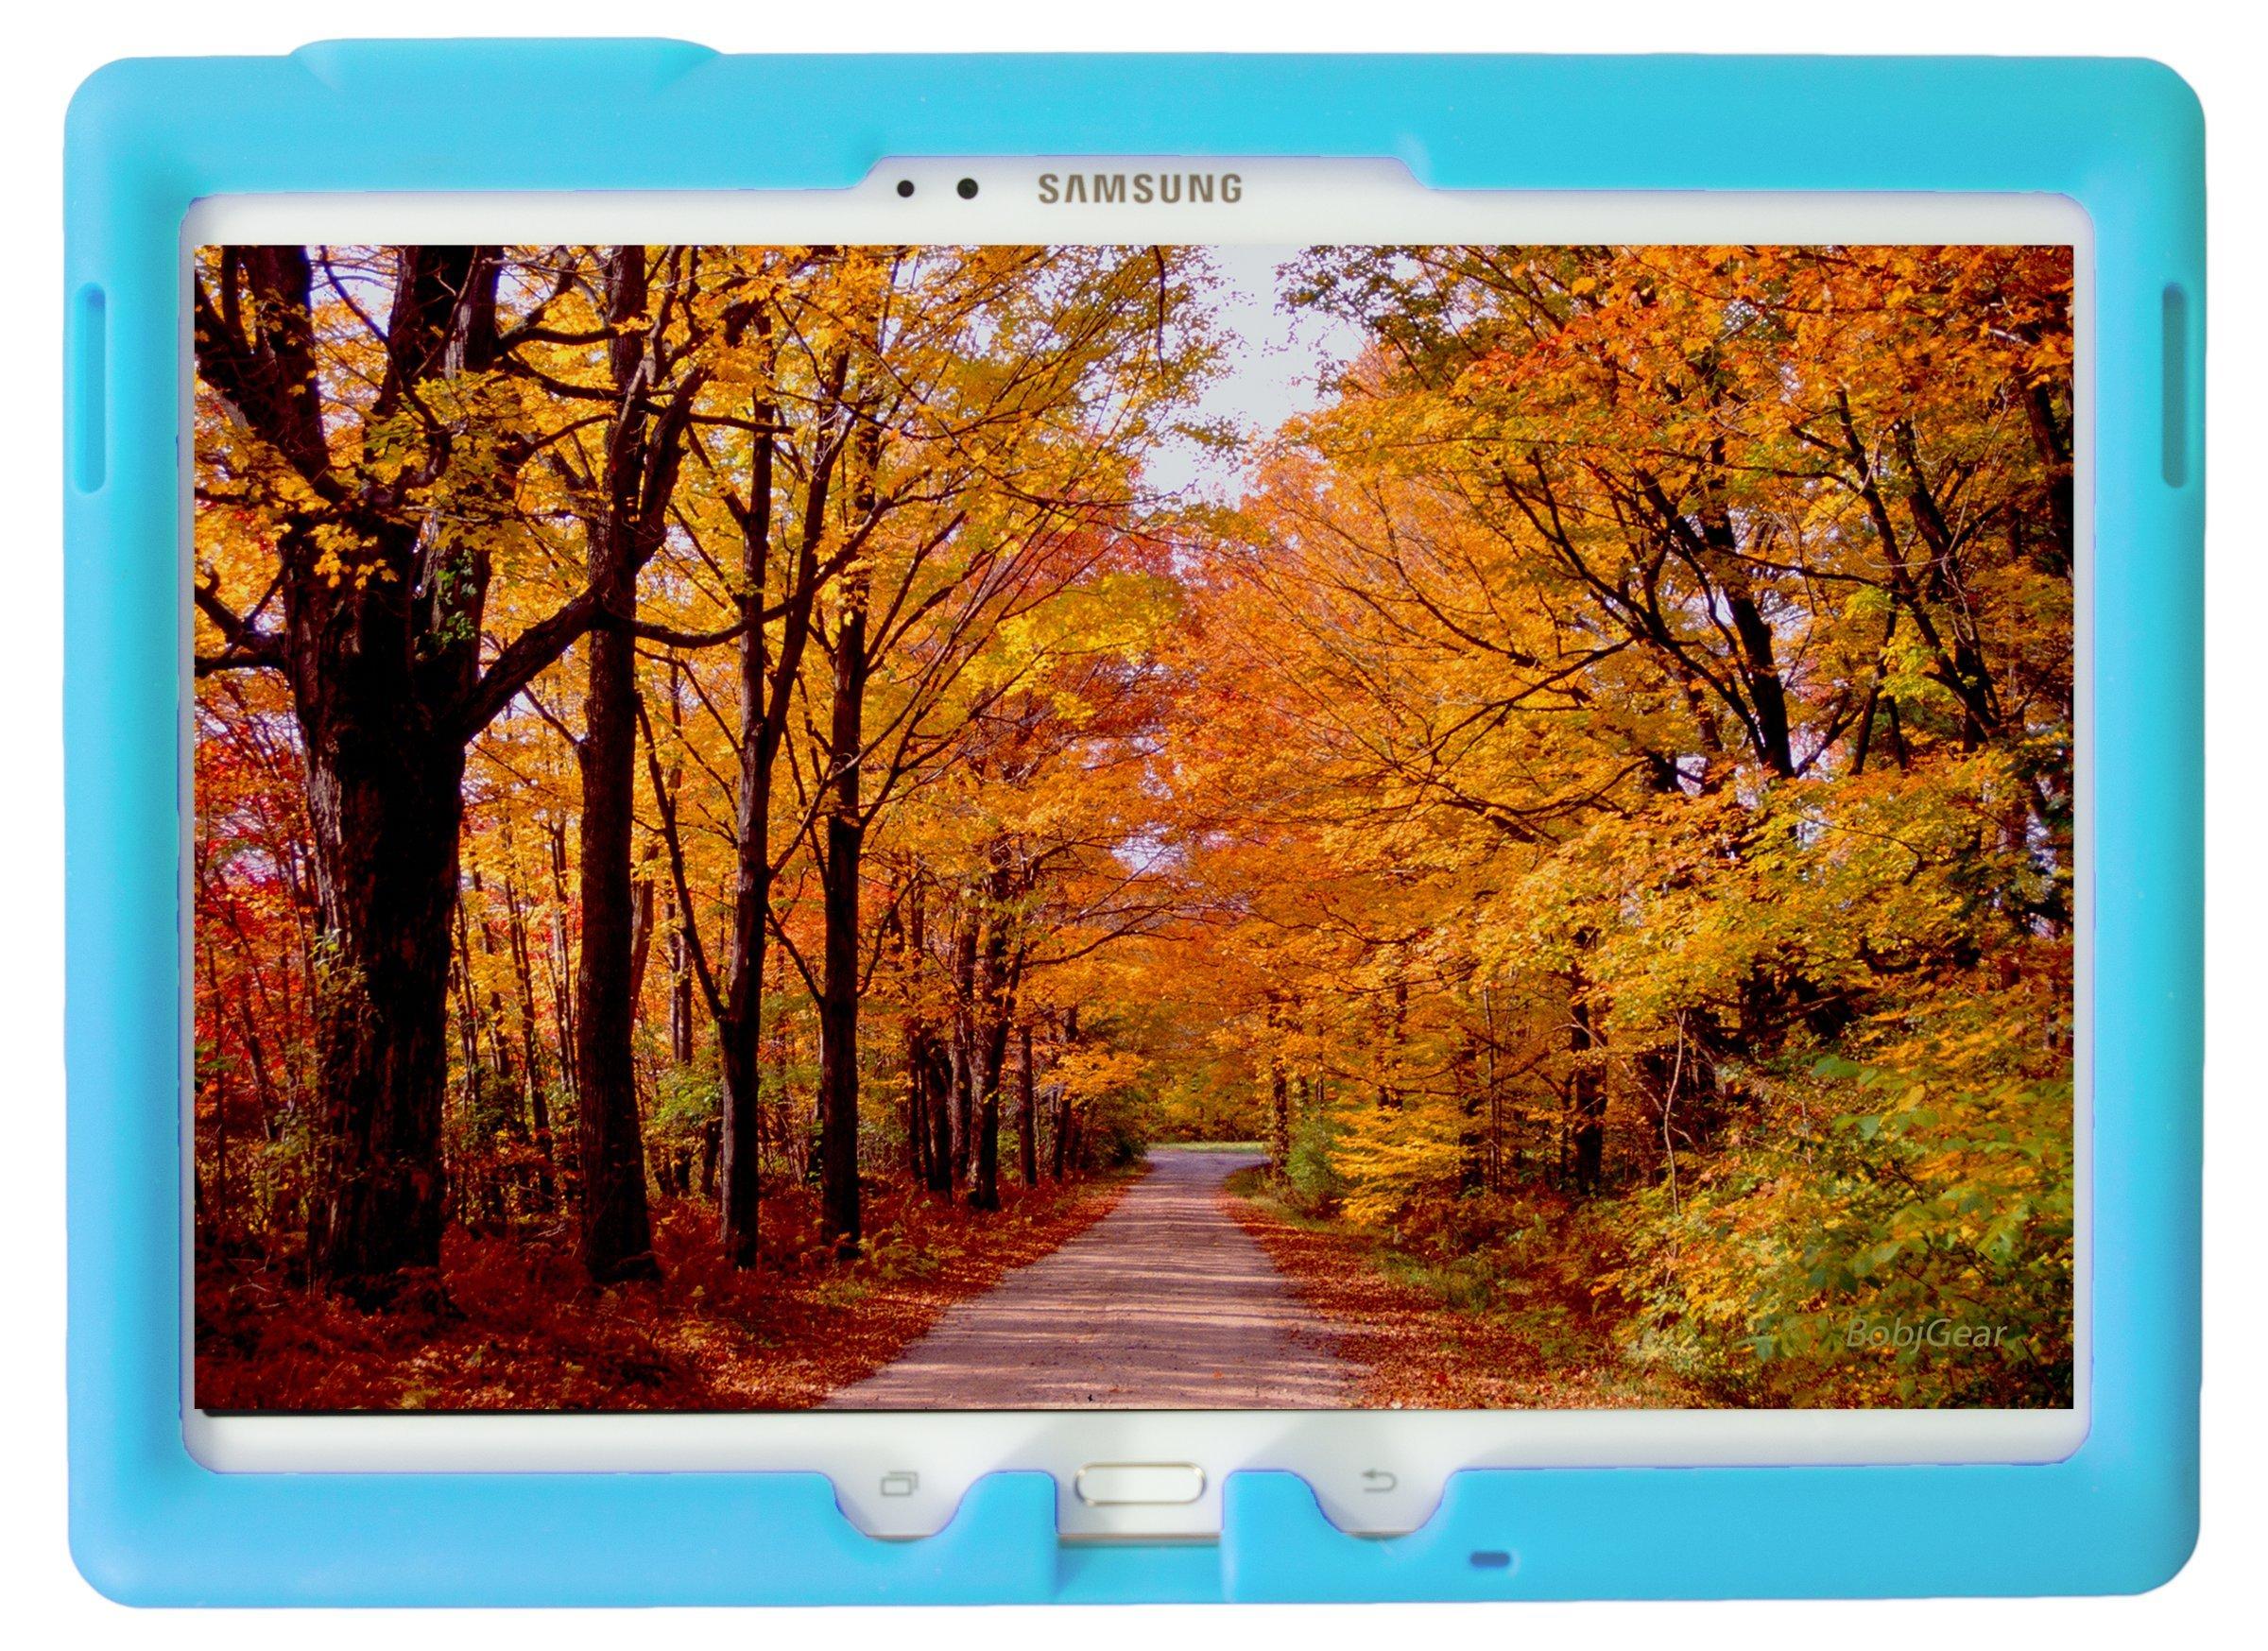 Funda Samsung Galaxy Tab S 10.5 BOBJGEAR [0MHX6XCM]